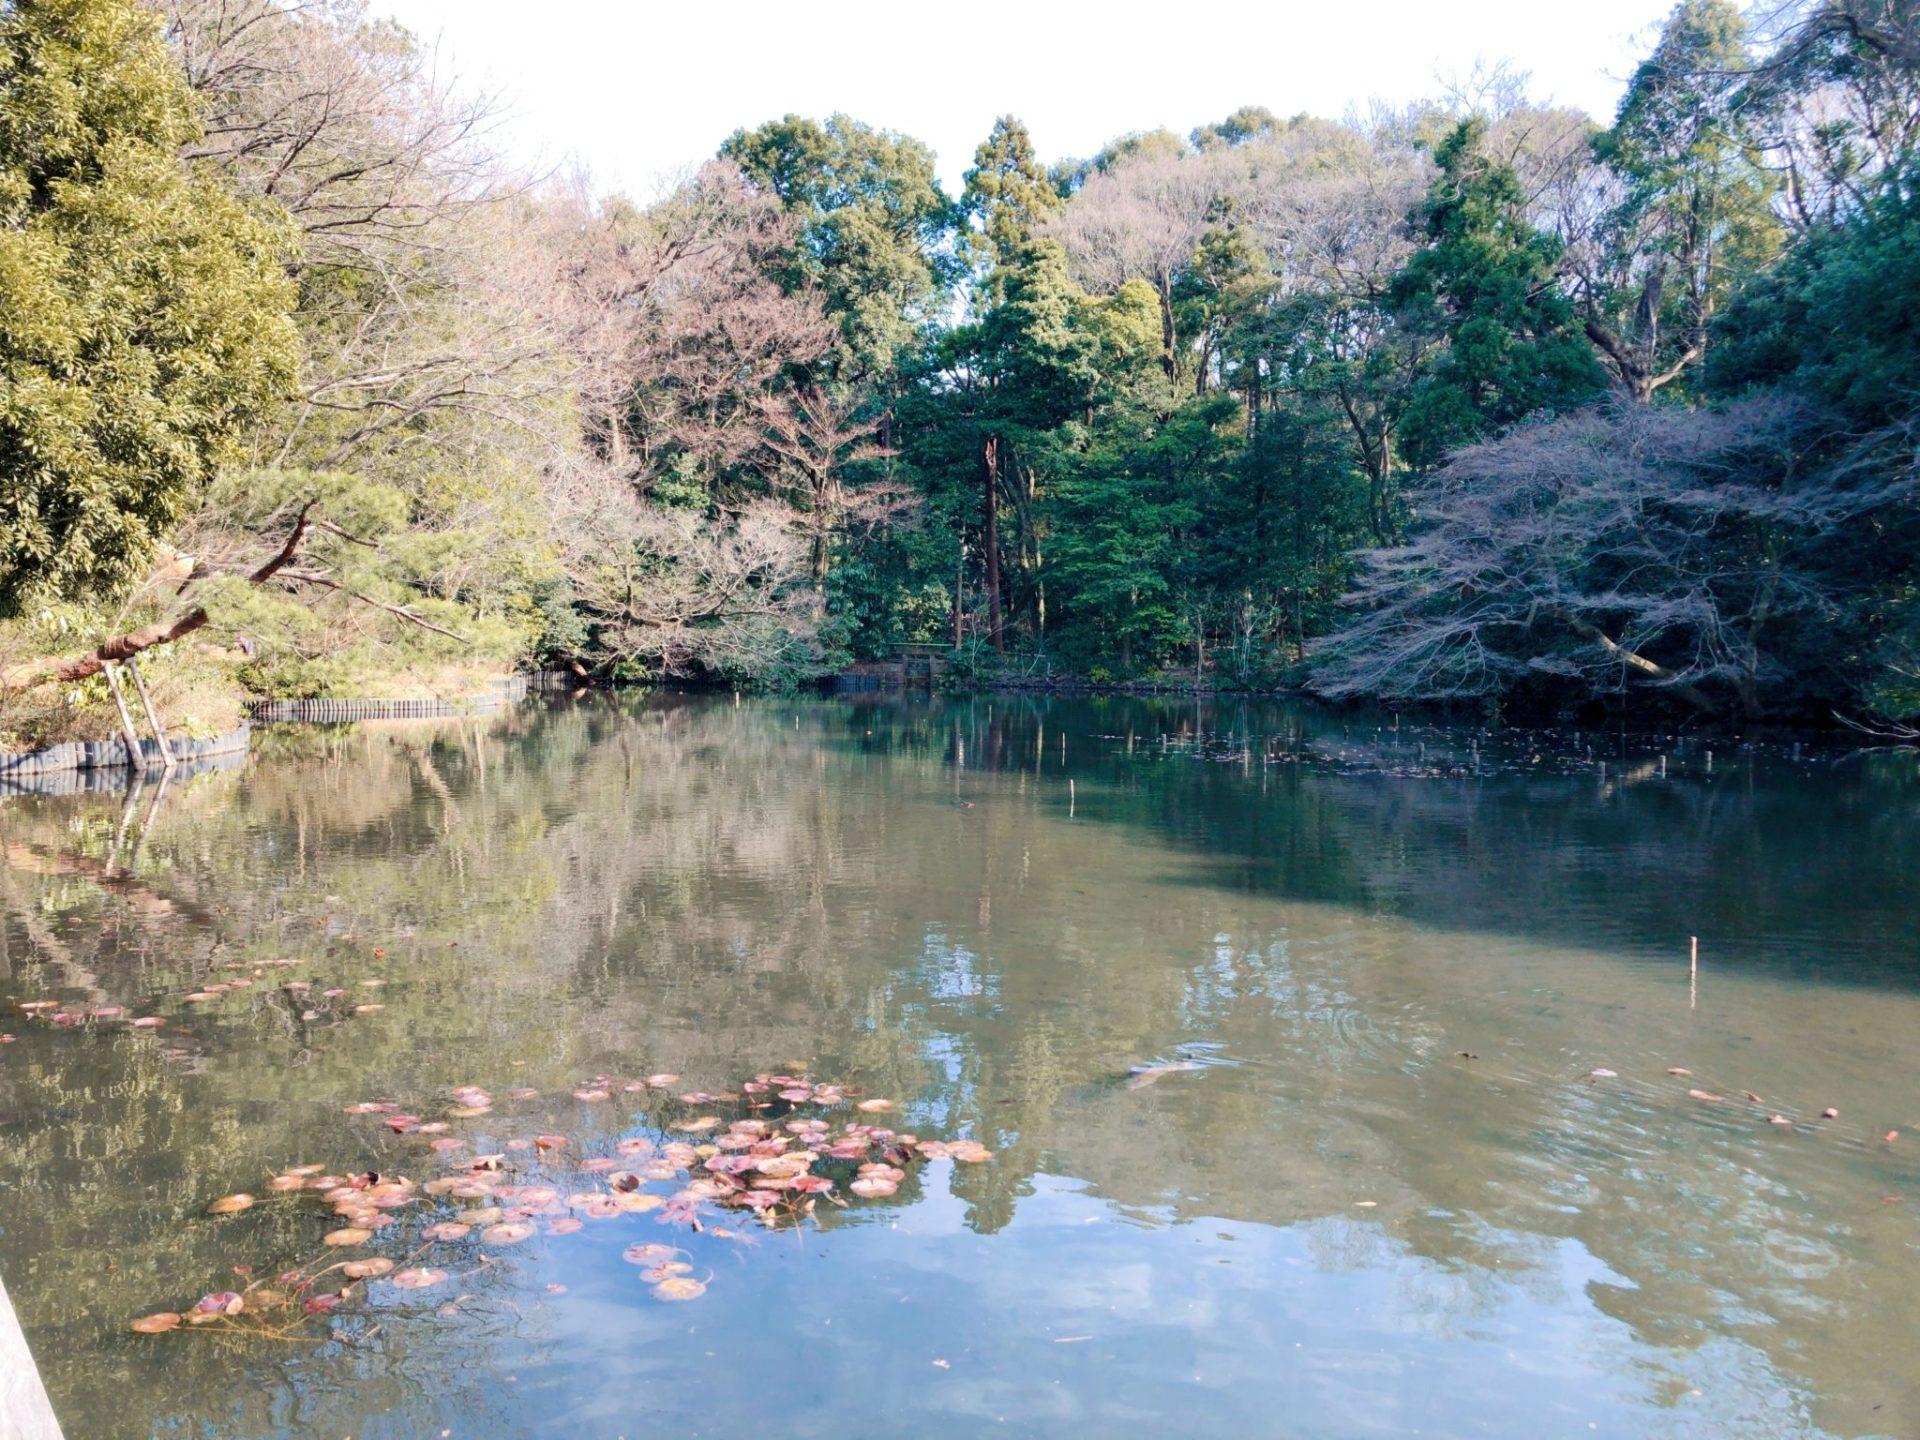 明治神宮御苑の池には鯉がいる